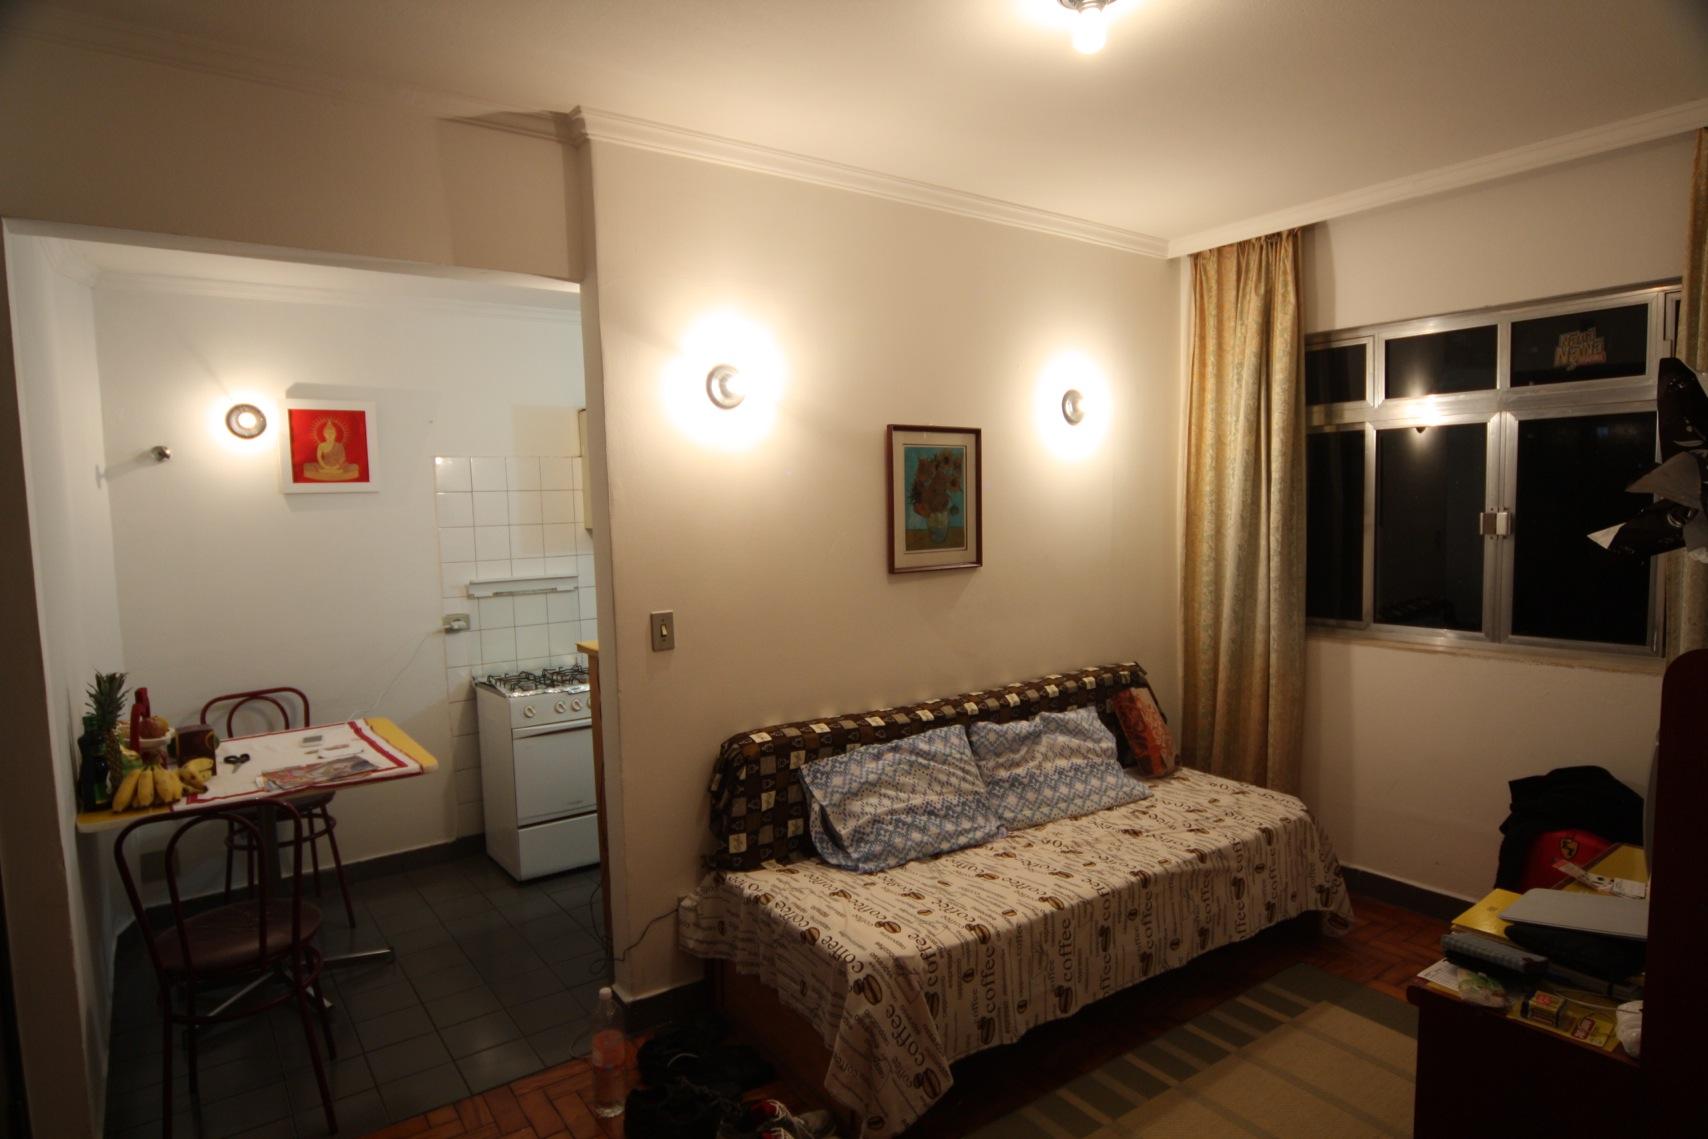 Wohnzimmer mit Kaffee-Sofa ;-)